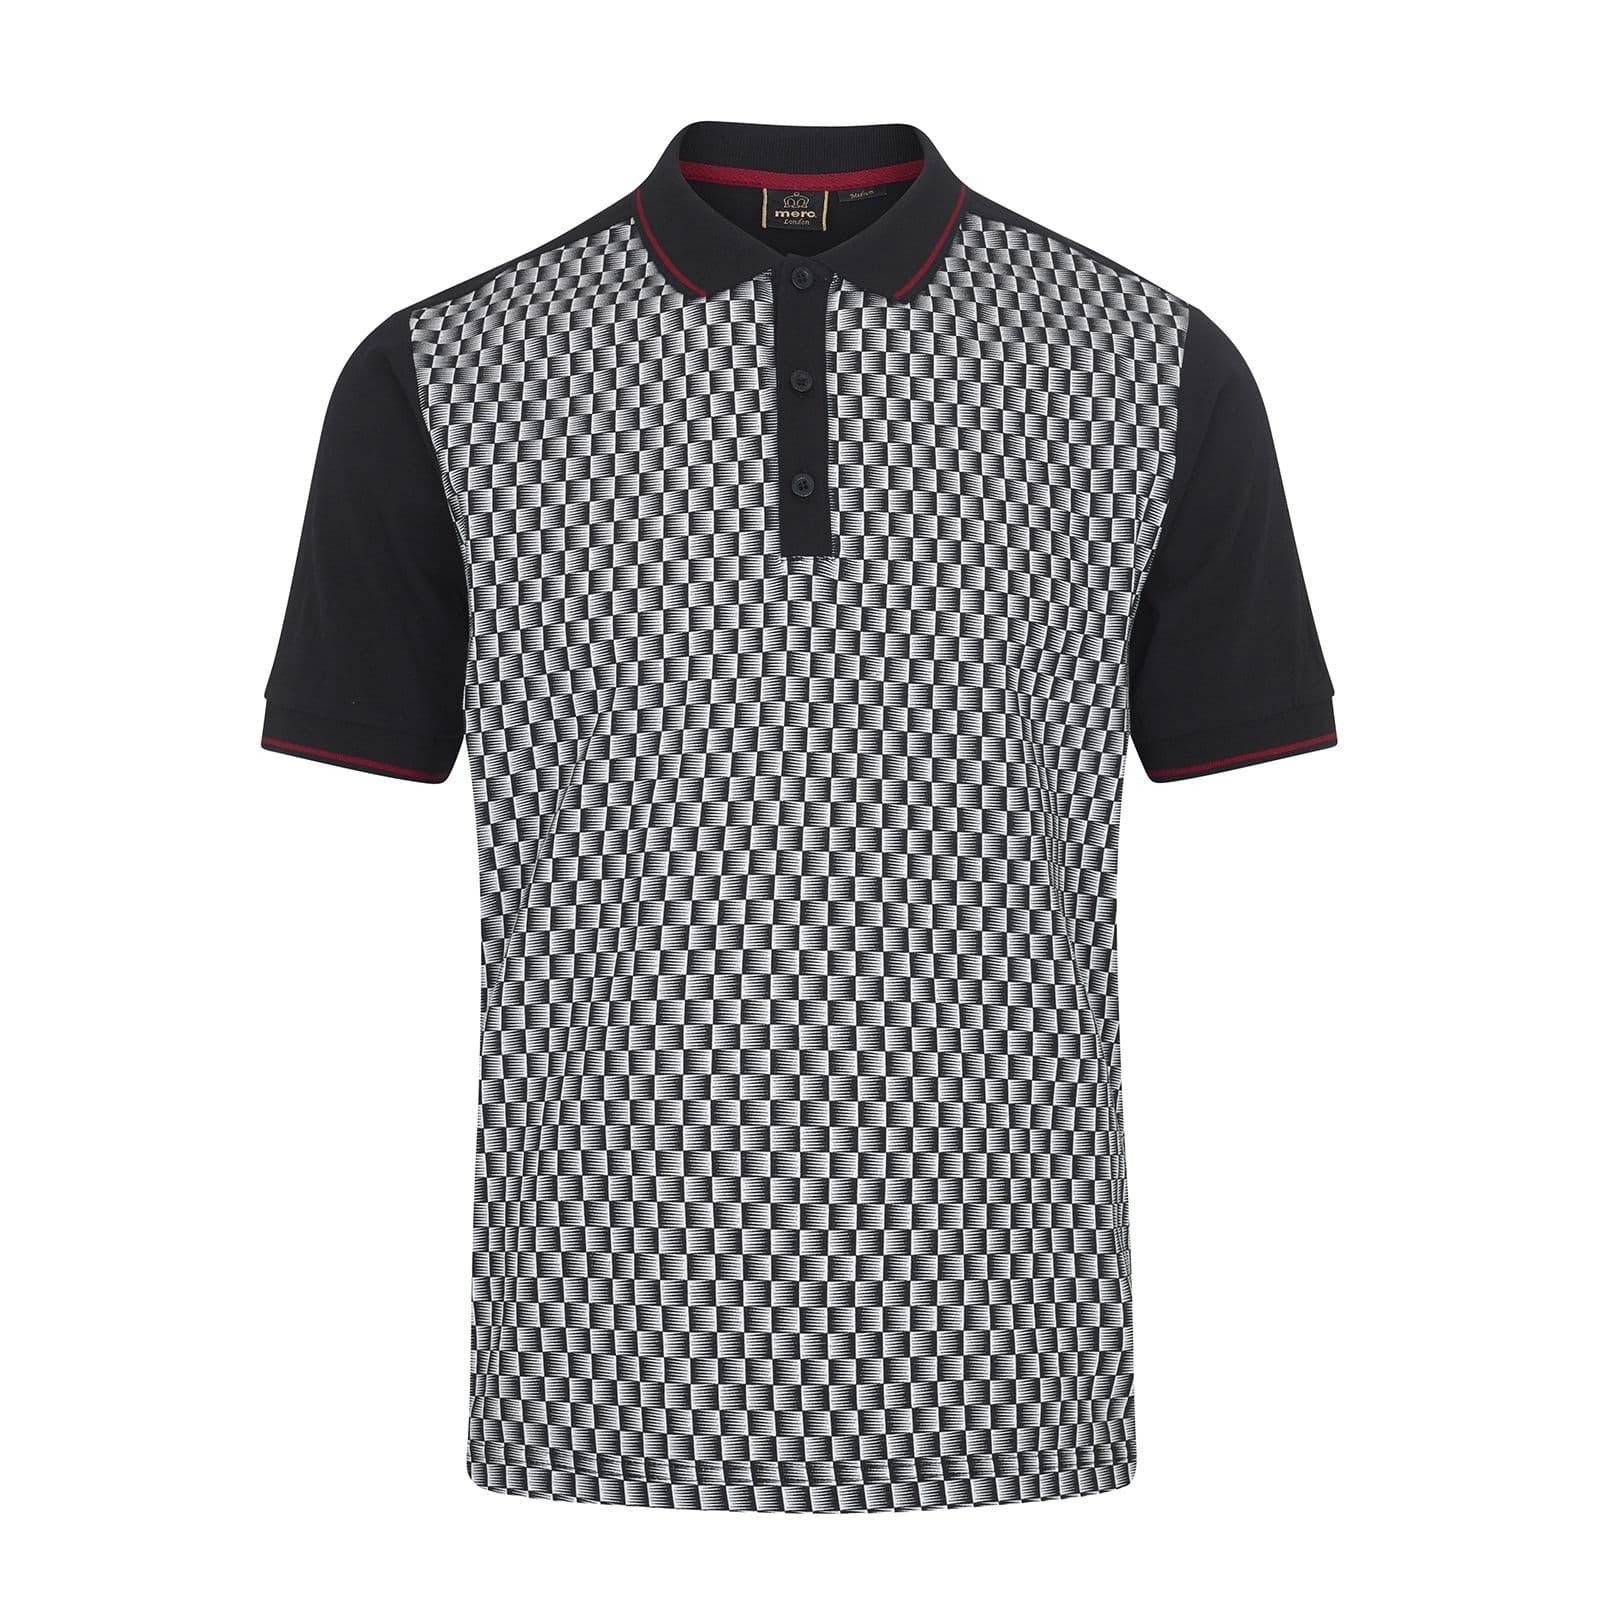 Рубашка Поло PollackПоло под заказ<br><br><br>Артикул: 1917203<br>Материал: 100% хлопок<br>Цвет: черный и дымчато-белый<br>Пол: Мужской